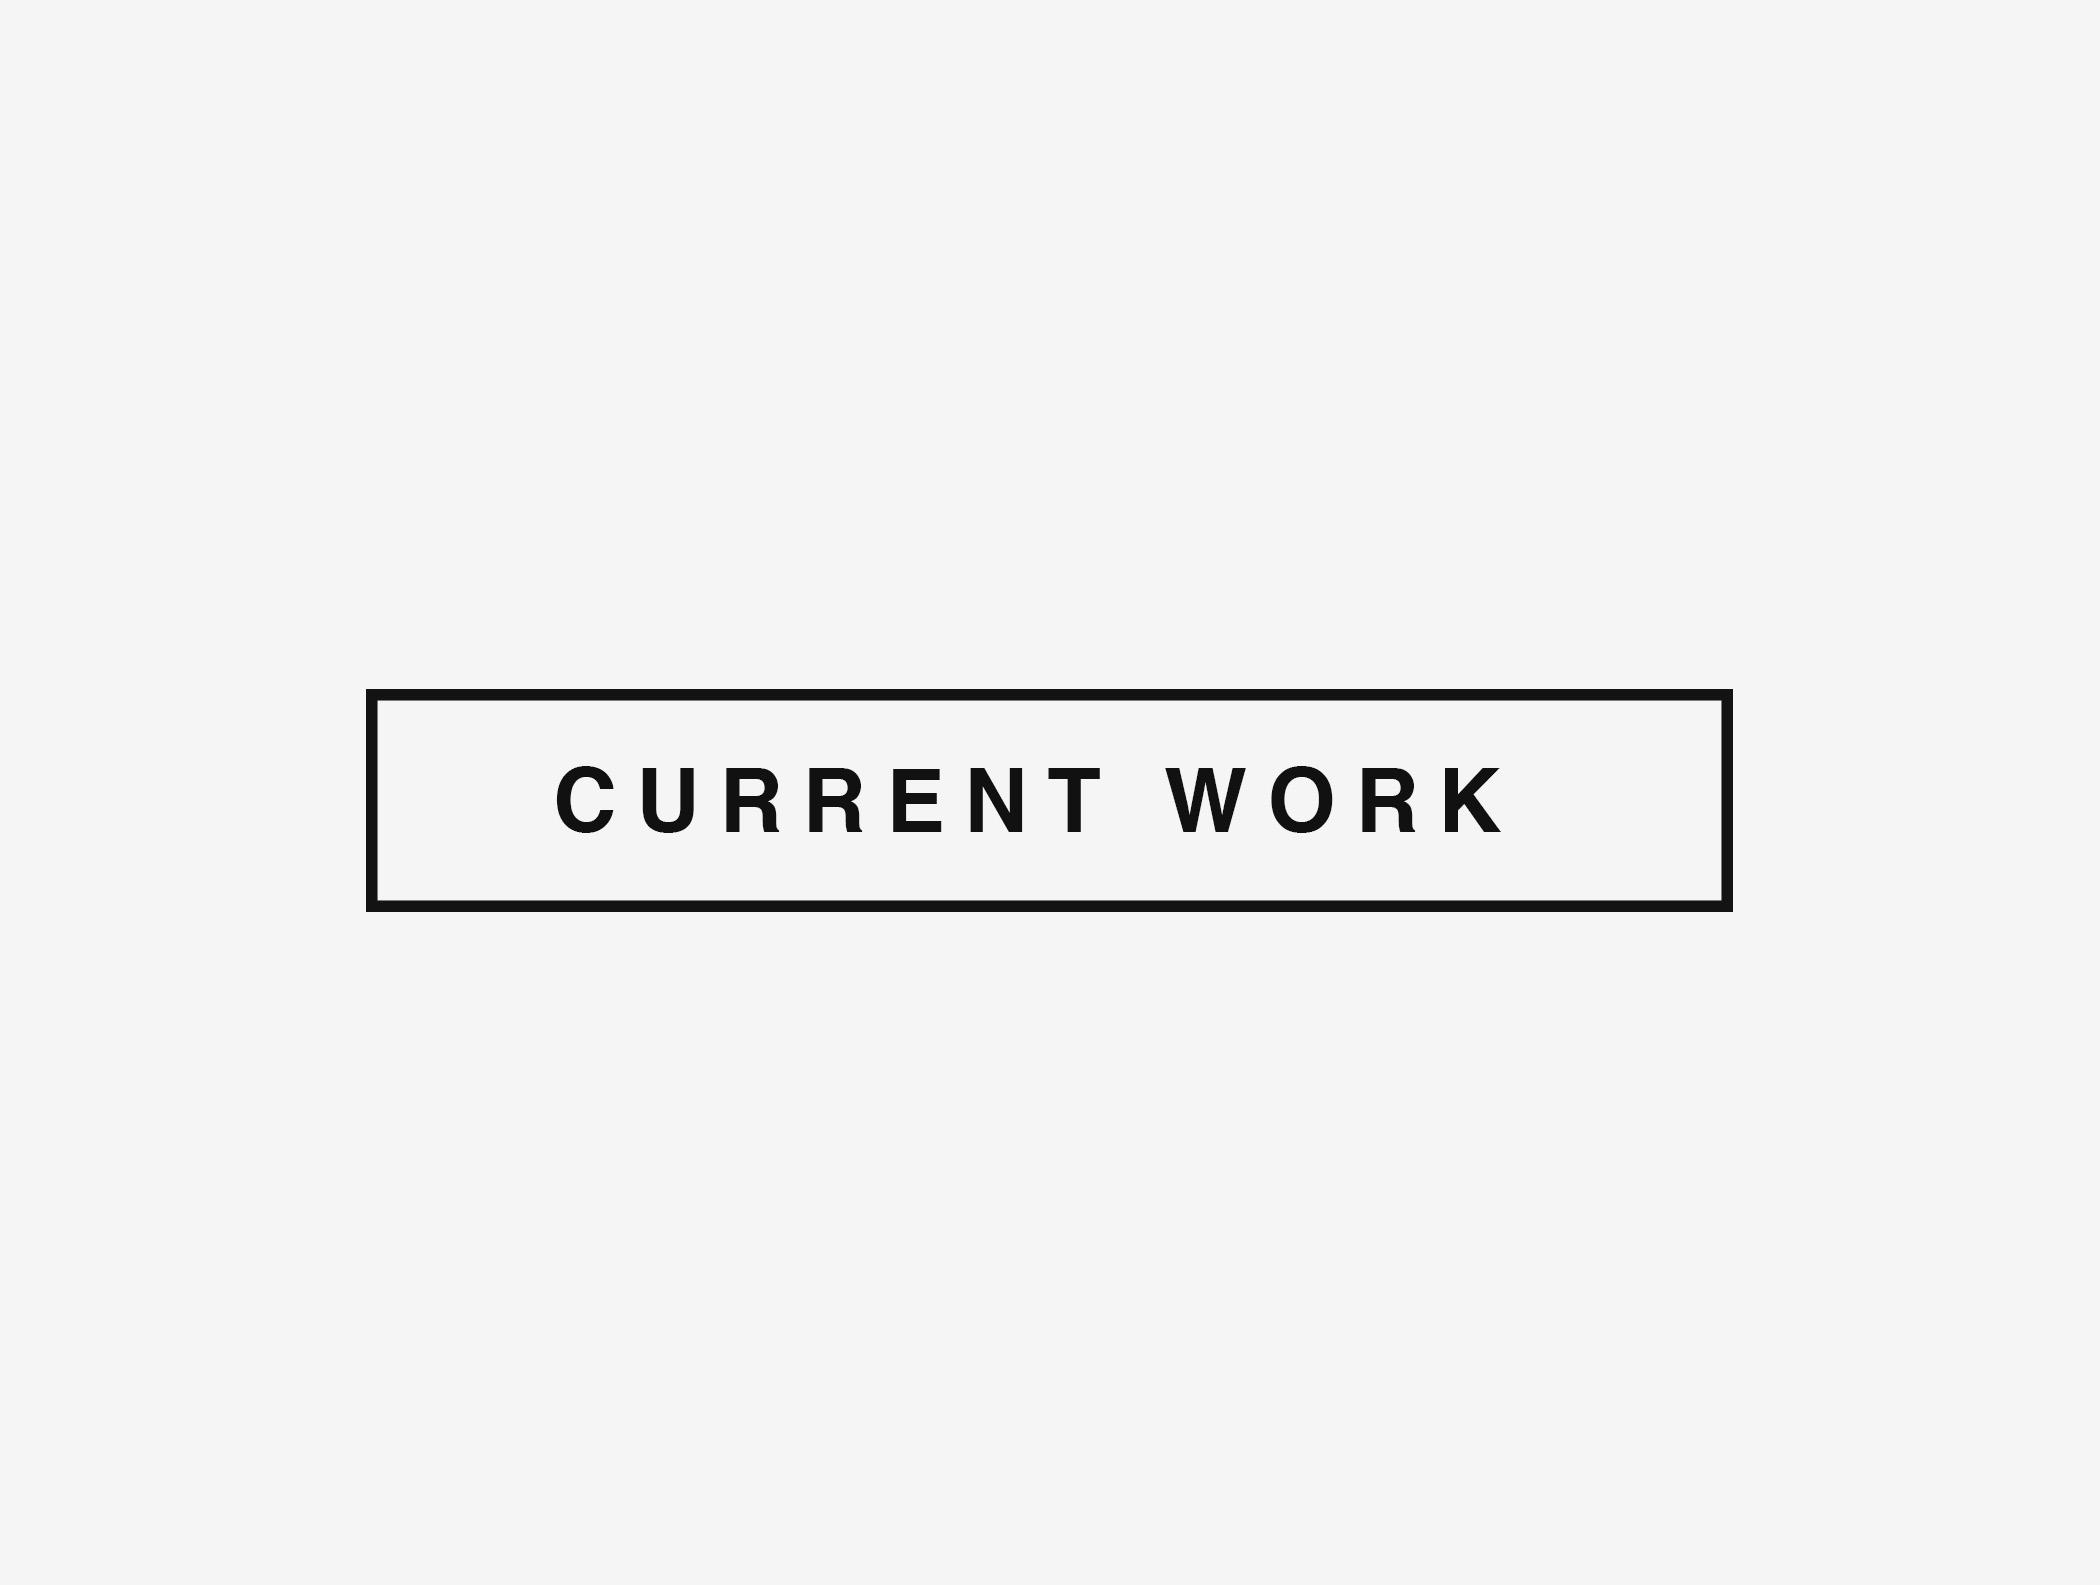 currentwork.jpg